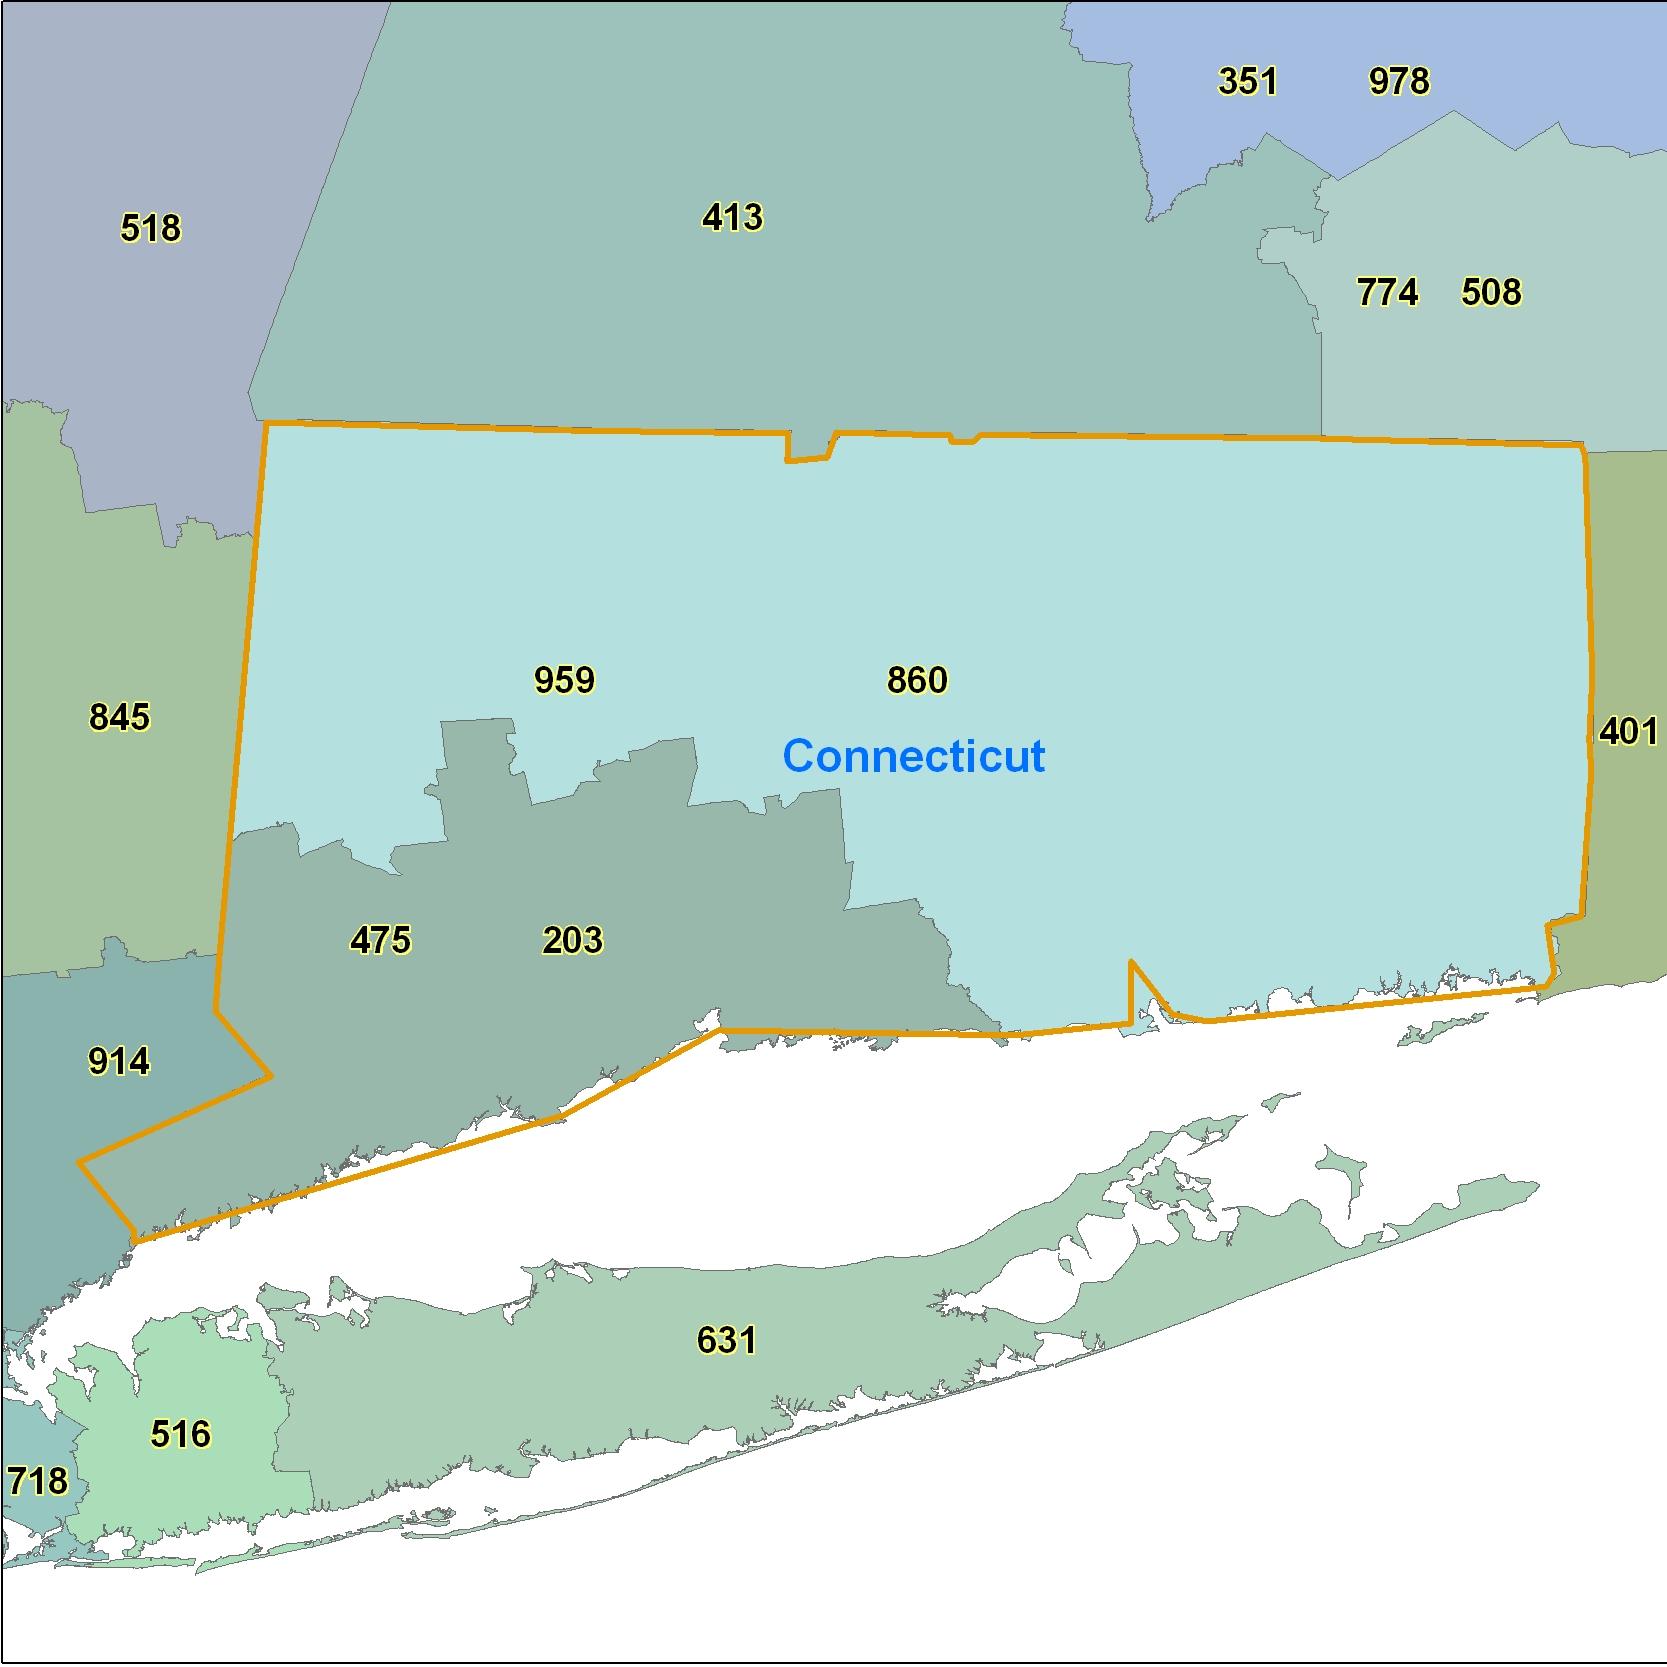 connecticut area code map Connecticut Area Code Maps Connecticut Telephone Area Code Maps connecticut area code map